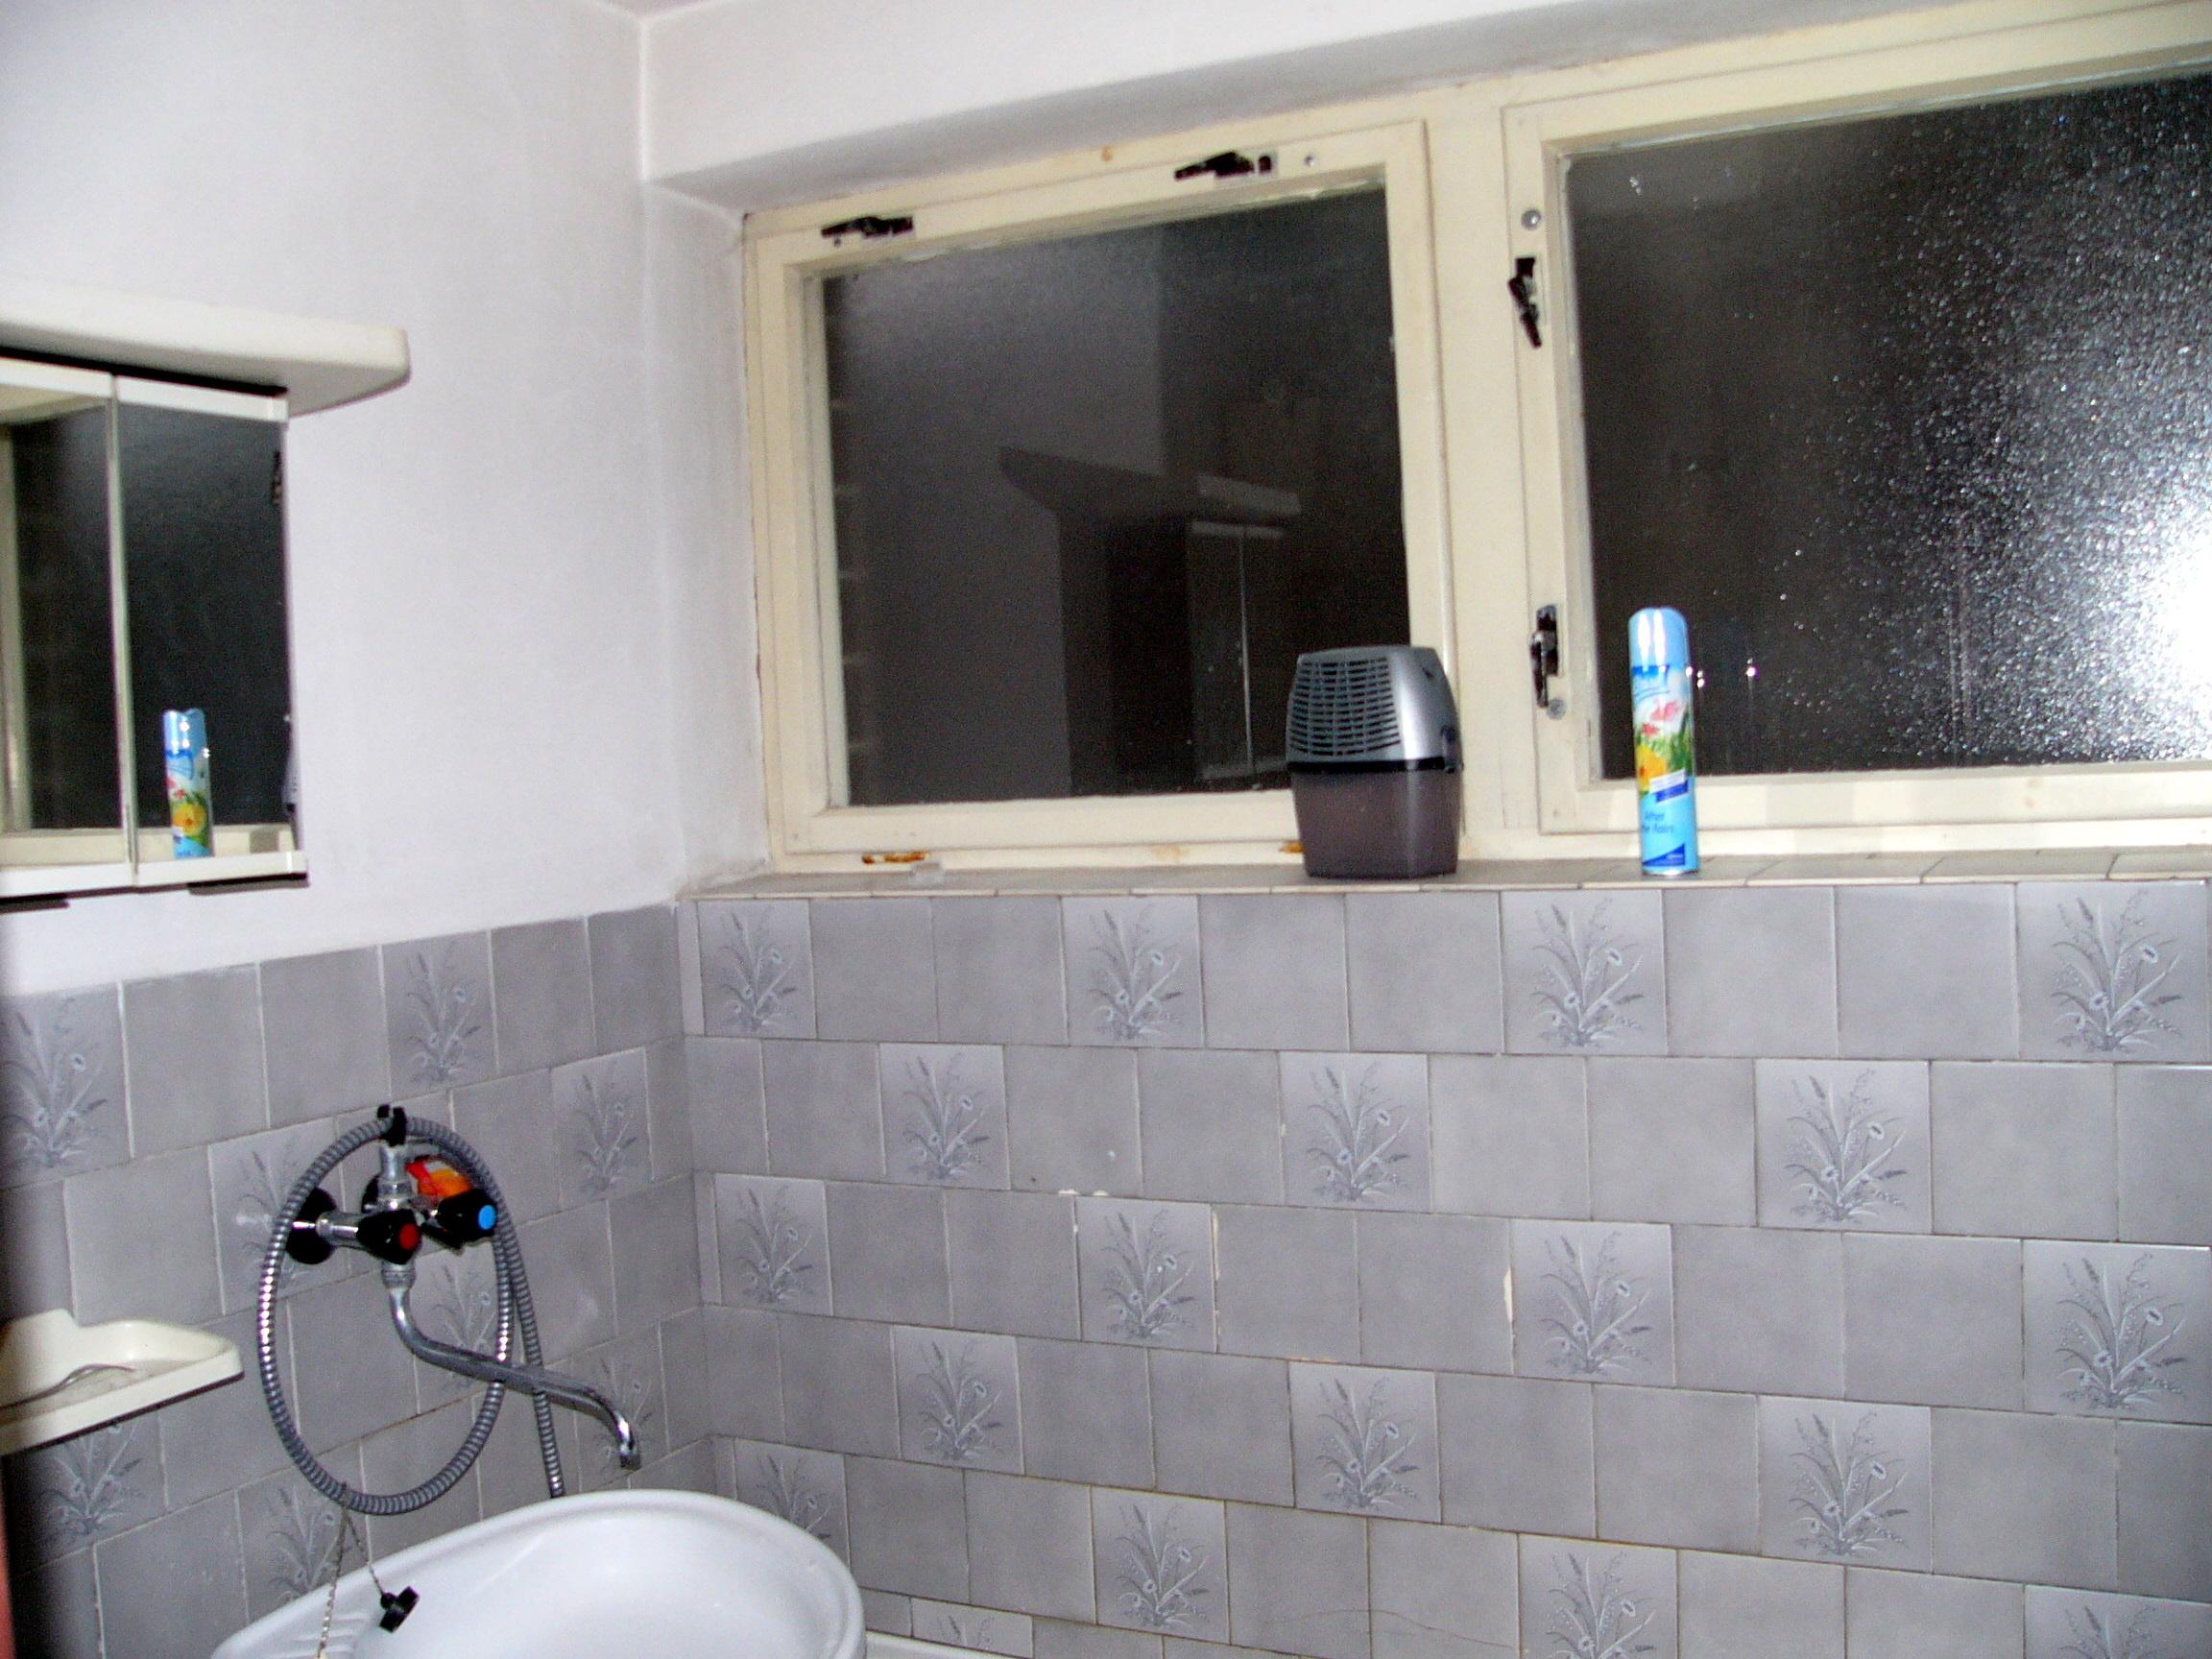 VÁŠ TIP: Premena neveľkej kúpeľne